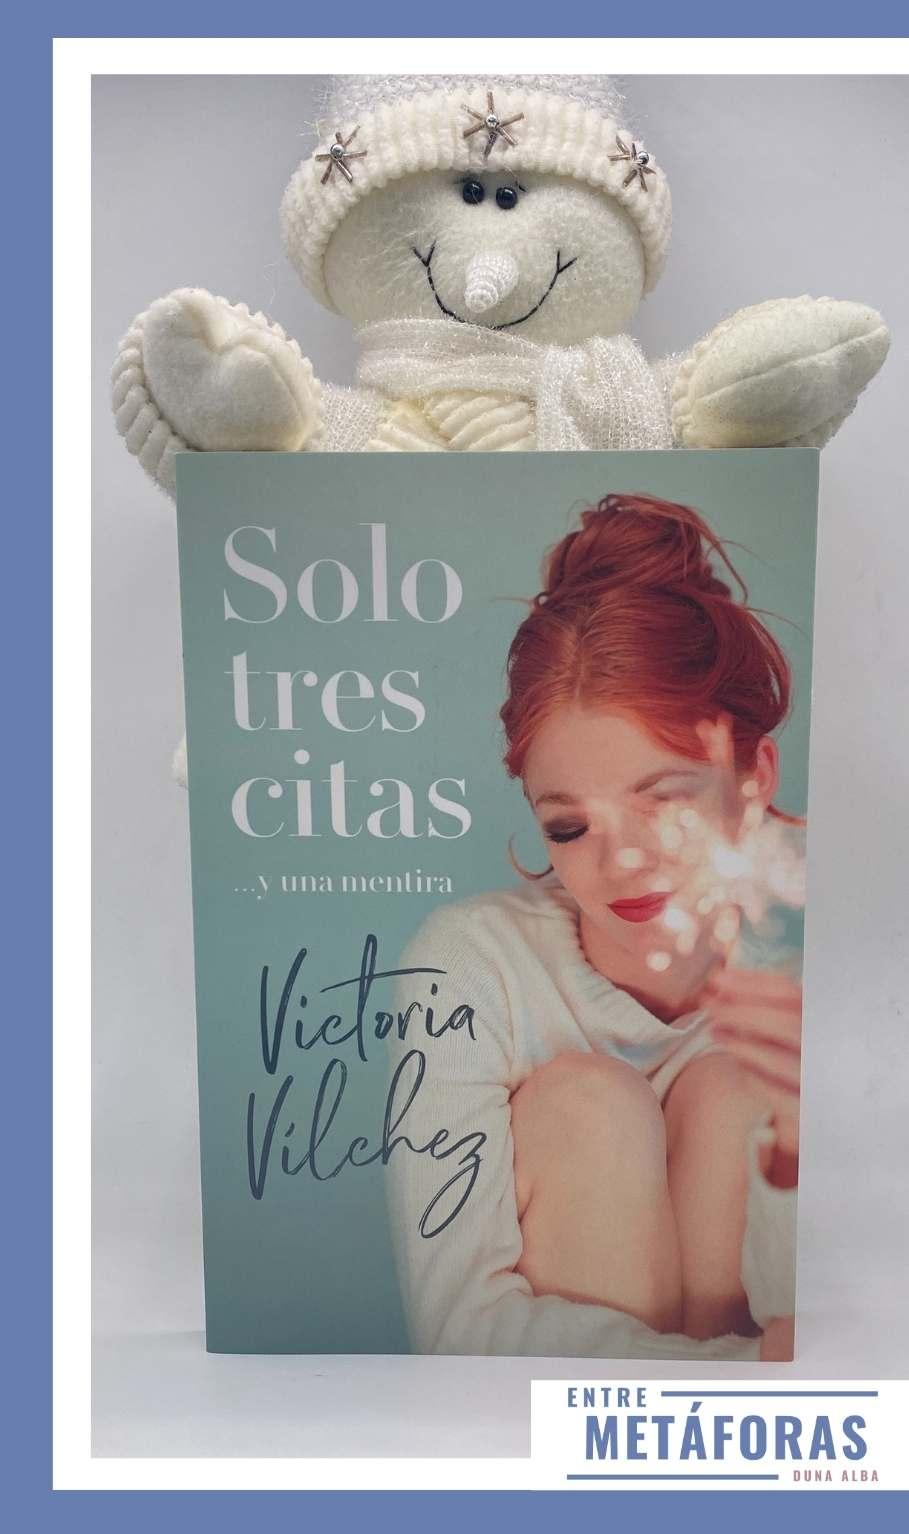 Solo tres citas y una mentira, de Victoria Vílchez